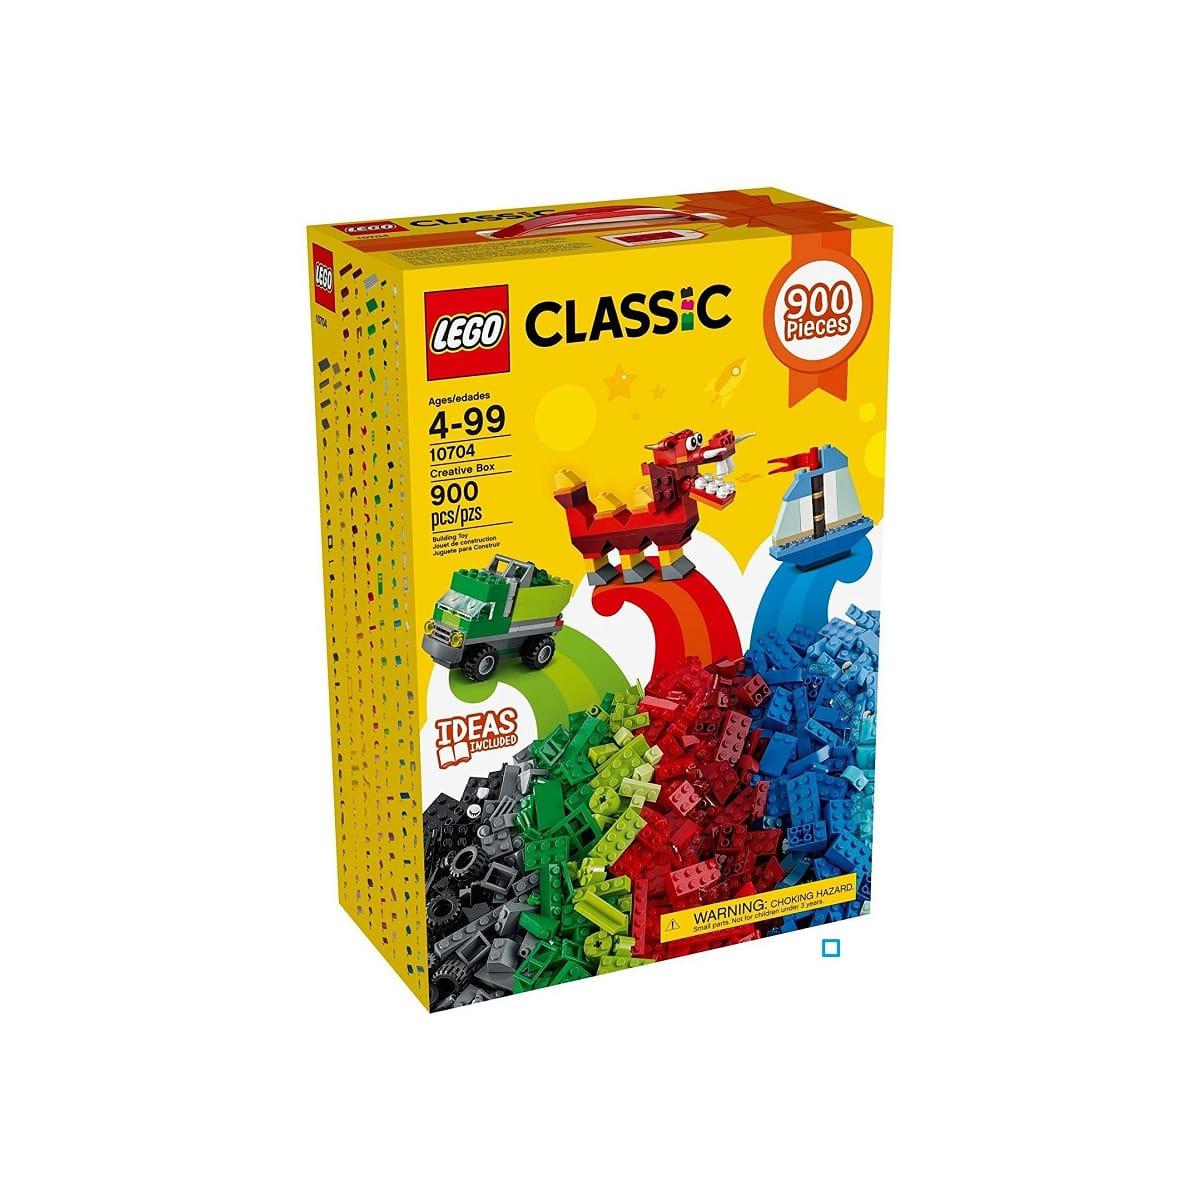 """Lego Classic 10704 """"Grande Boîte de Construction"""" - 900 pièces (Auchan, Carrefour, Rue du commerce)"""